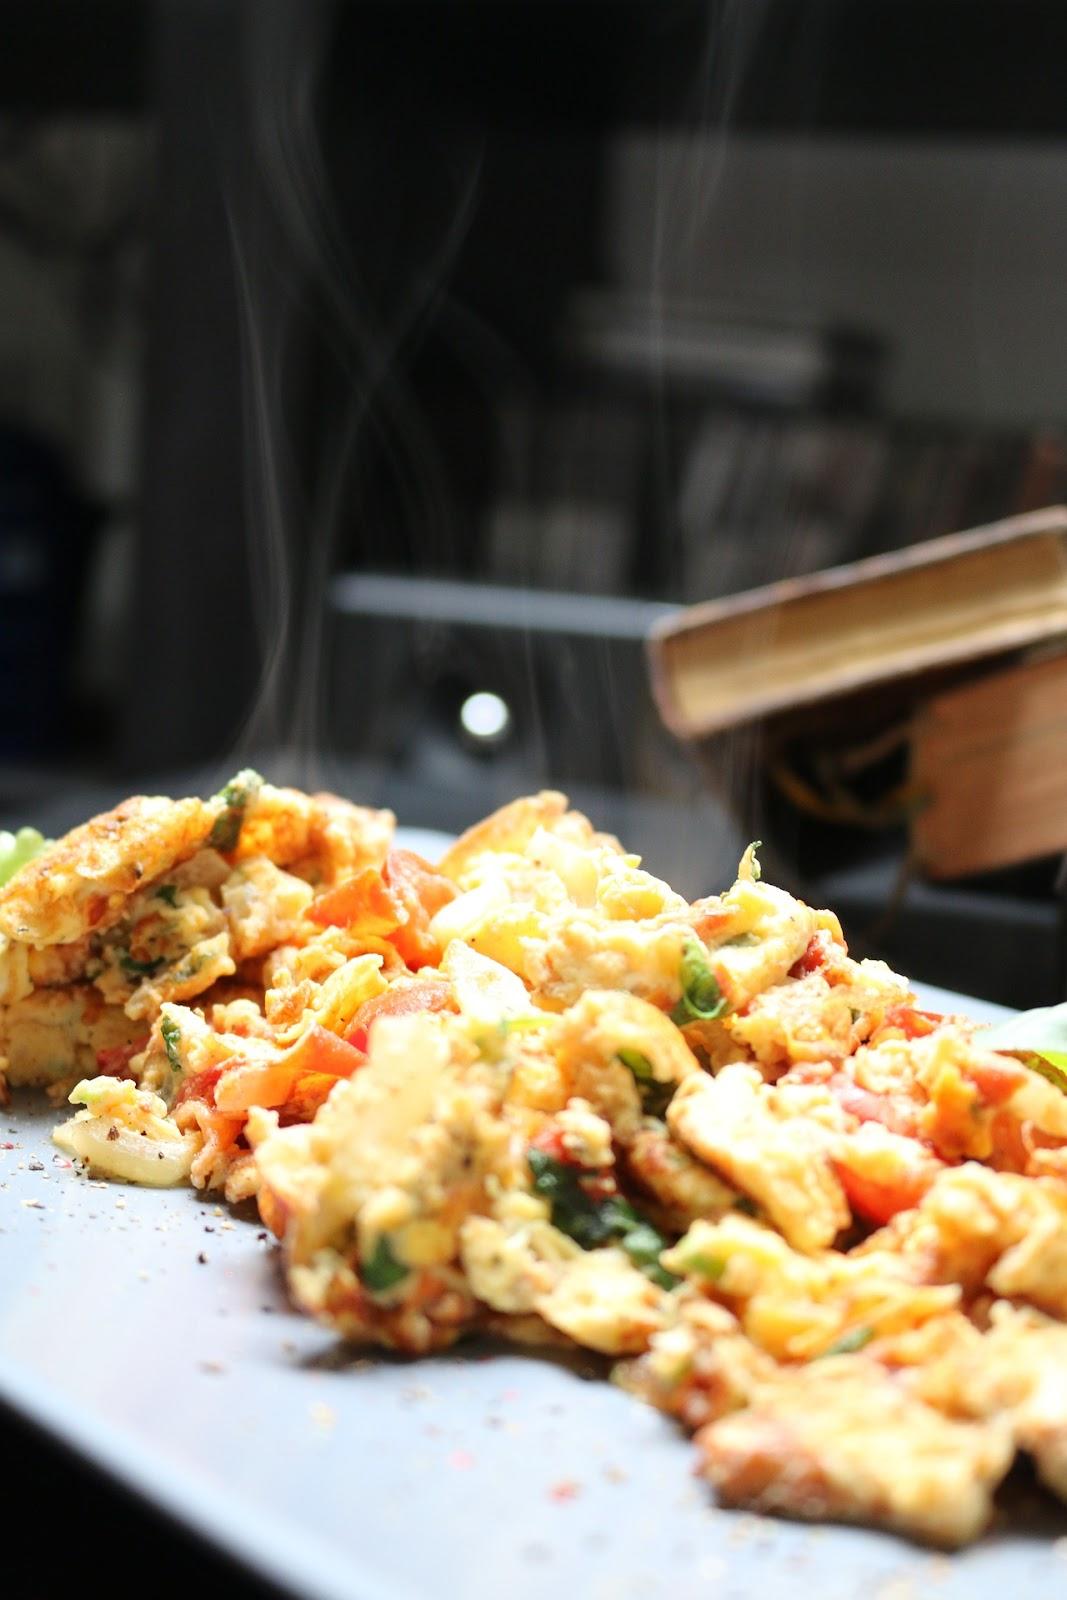 Здоровое питание: что съесть на завтрак, рецепты